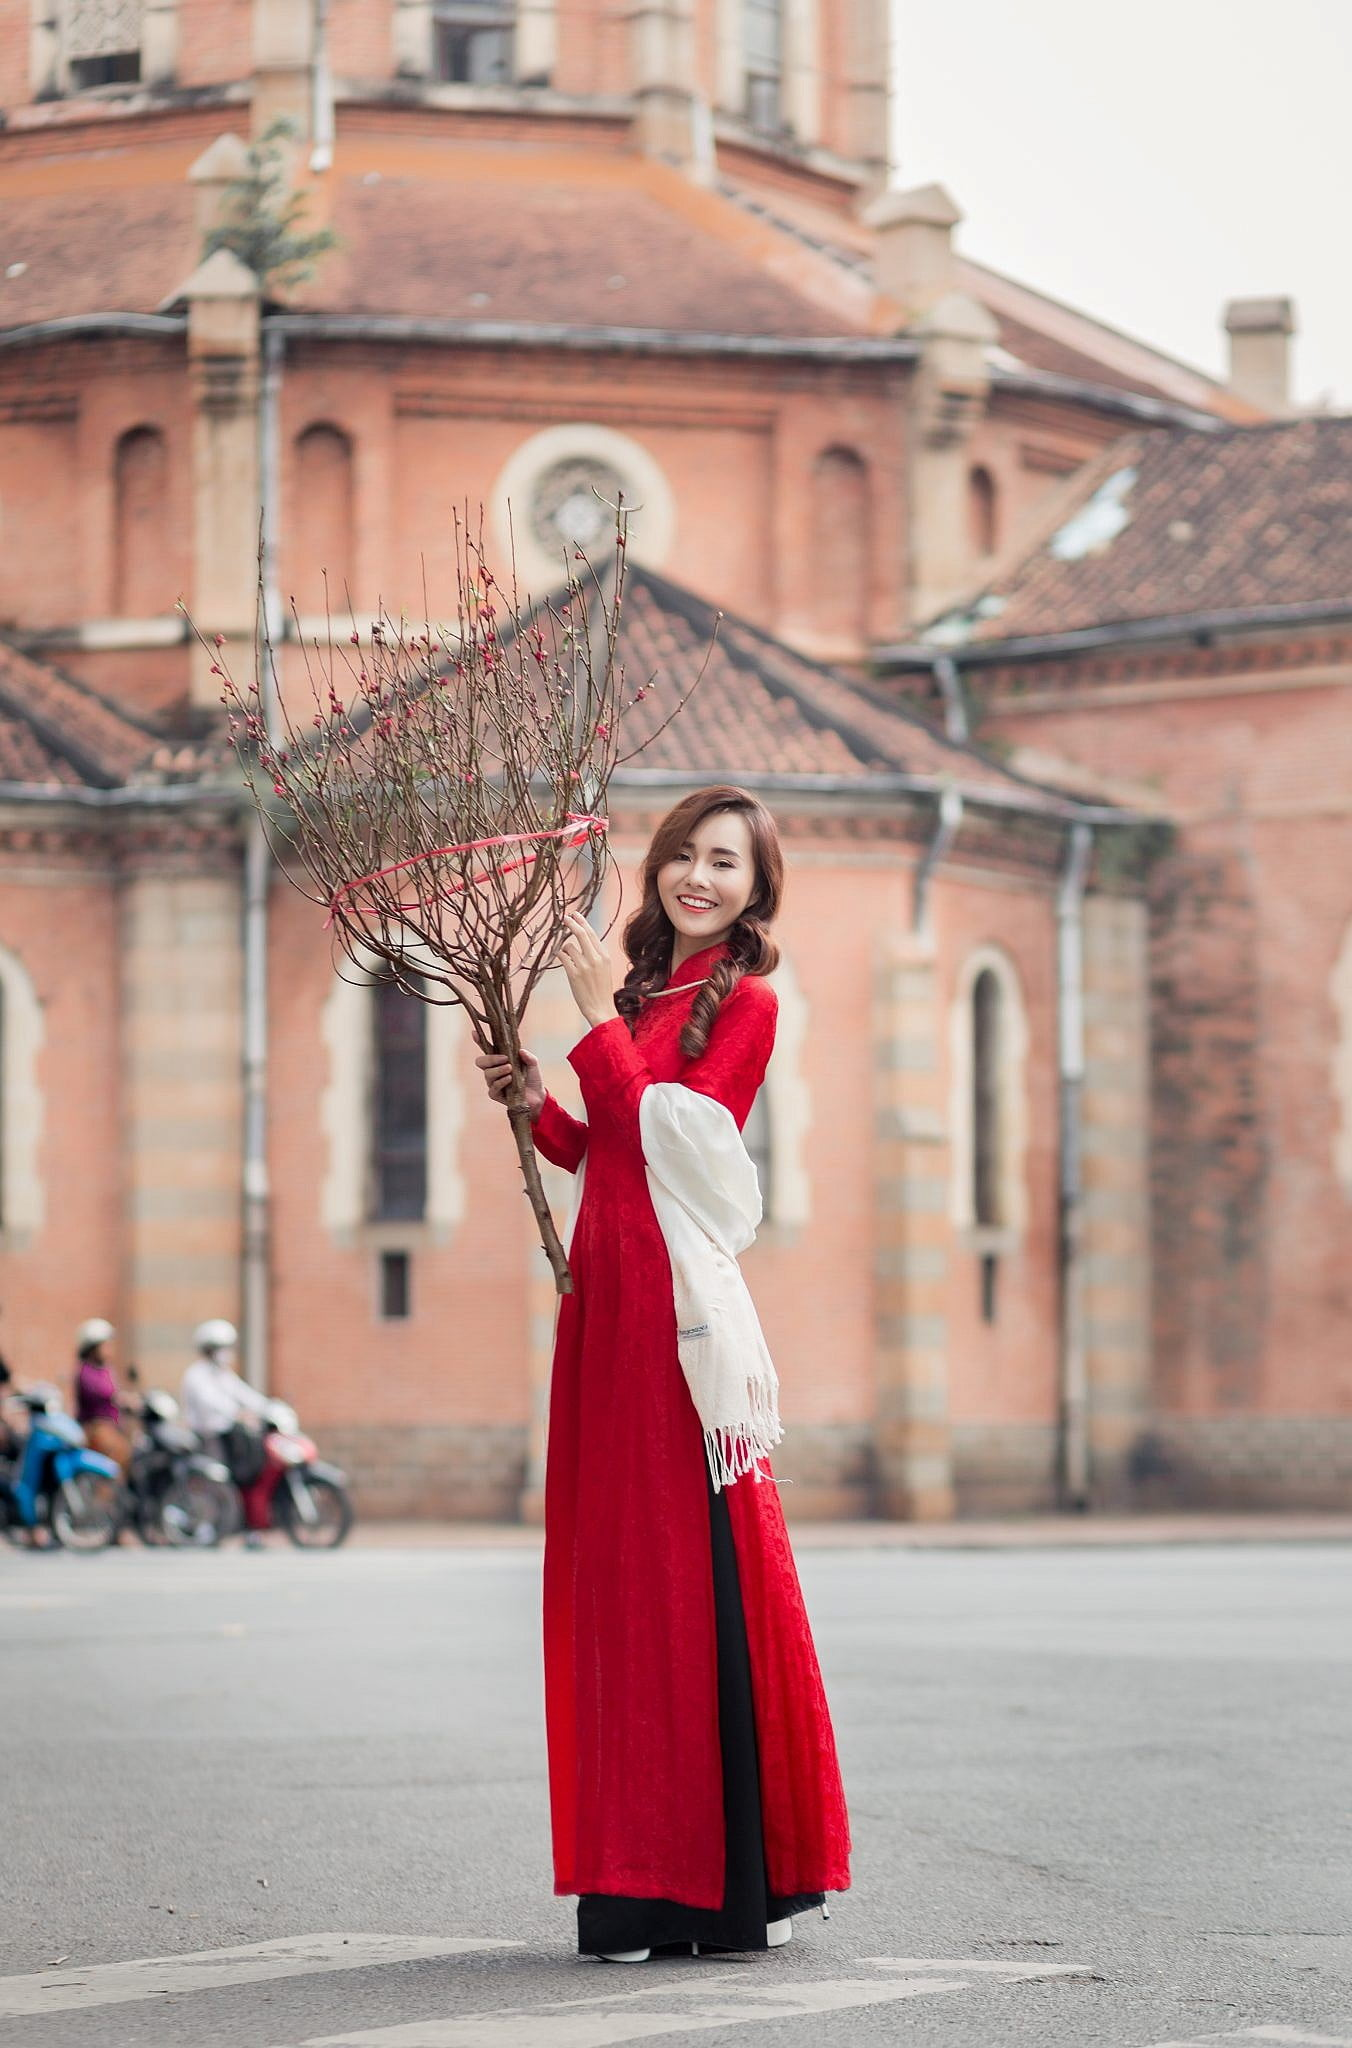 chụp hình áo dài ở nhà thờ đức bà